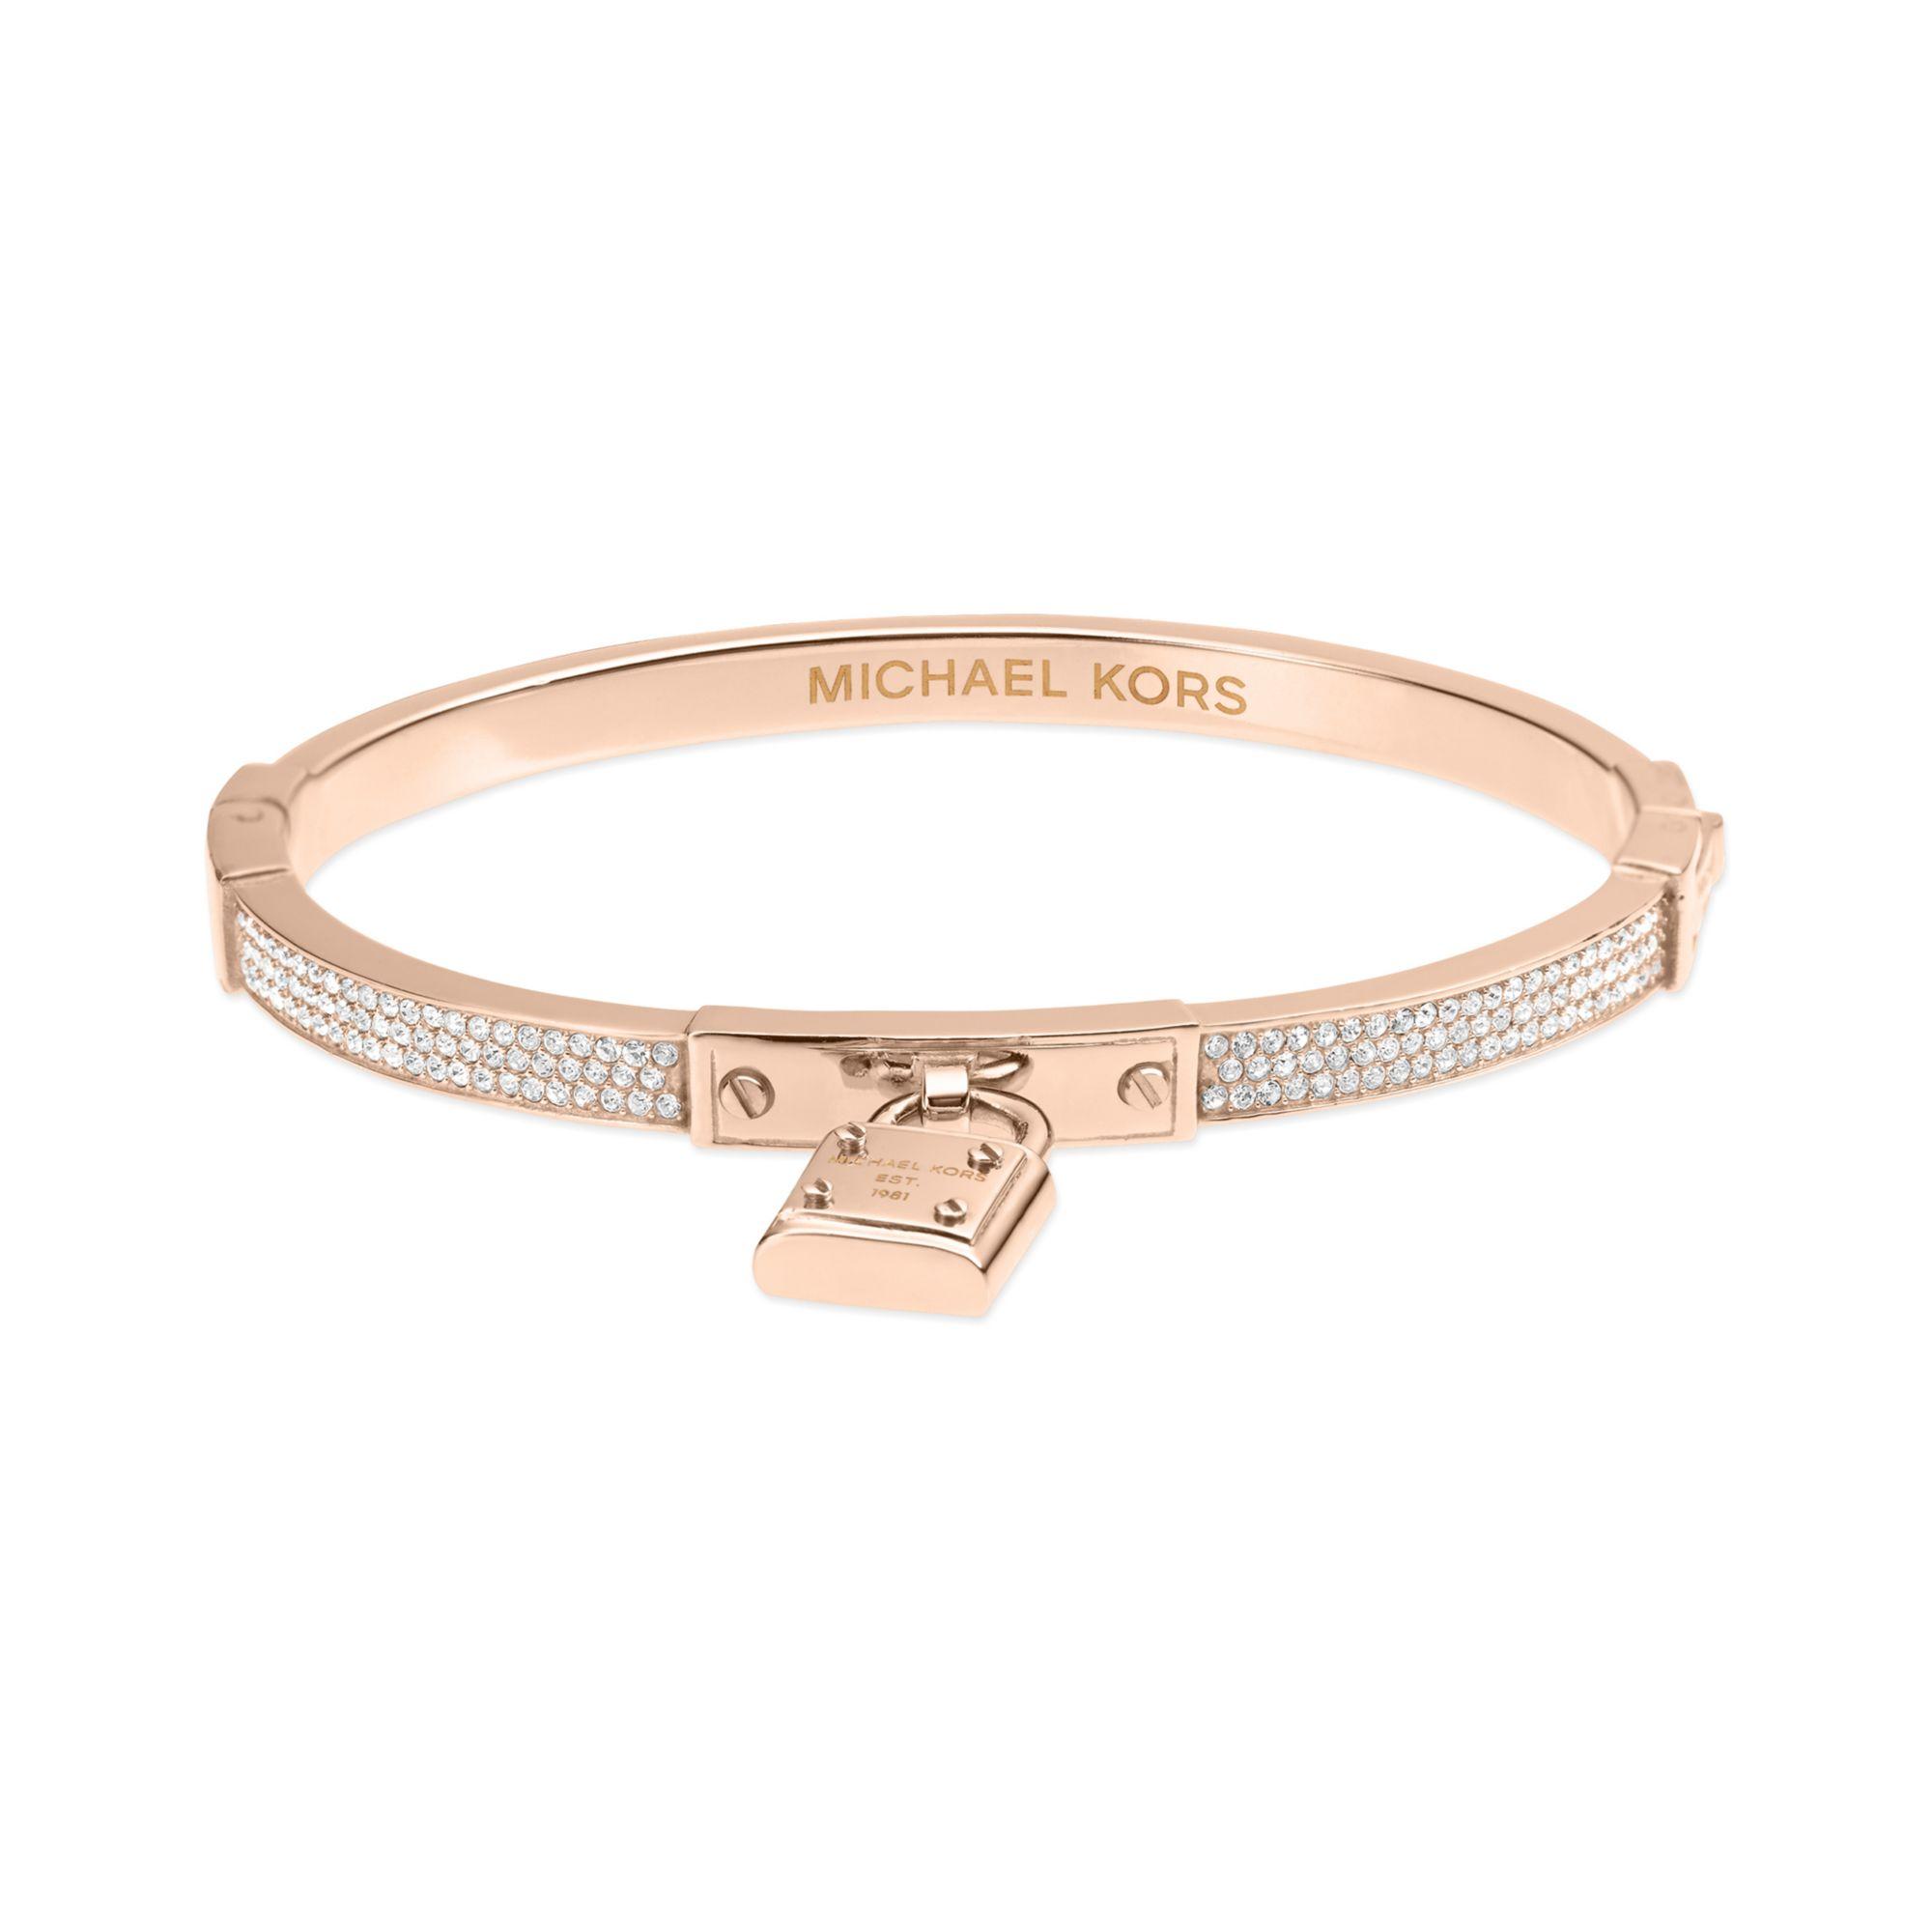 michael kors rose gold tone padlock charm bracelet in pink. Black Bedroom Furniture Sets. Home Design Ideas